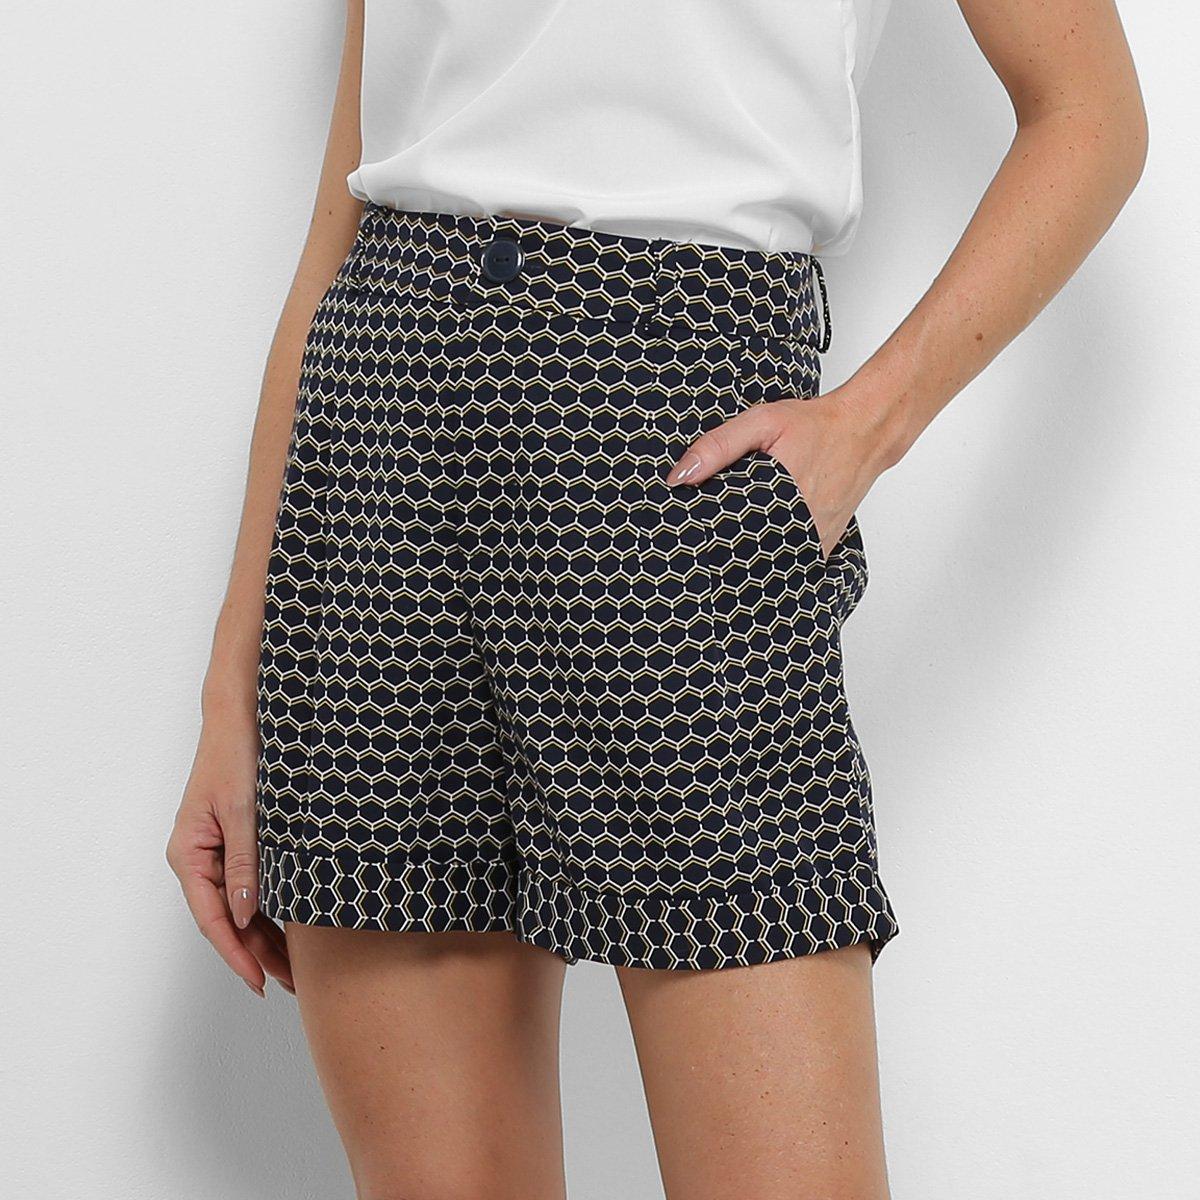 Foto 1 - Shorts Hot Pants Maria Filó Estampado Feminino